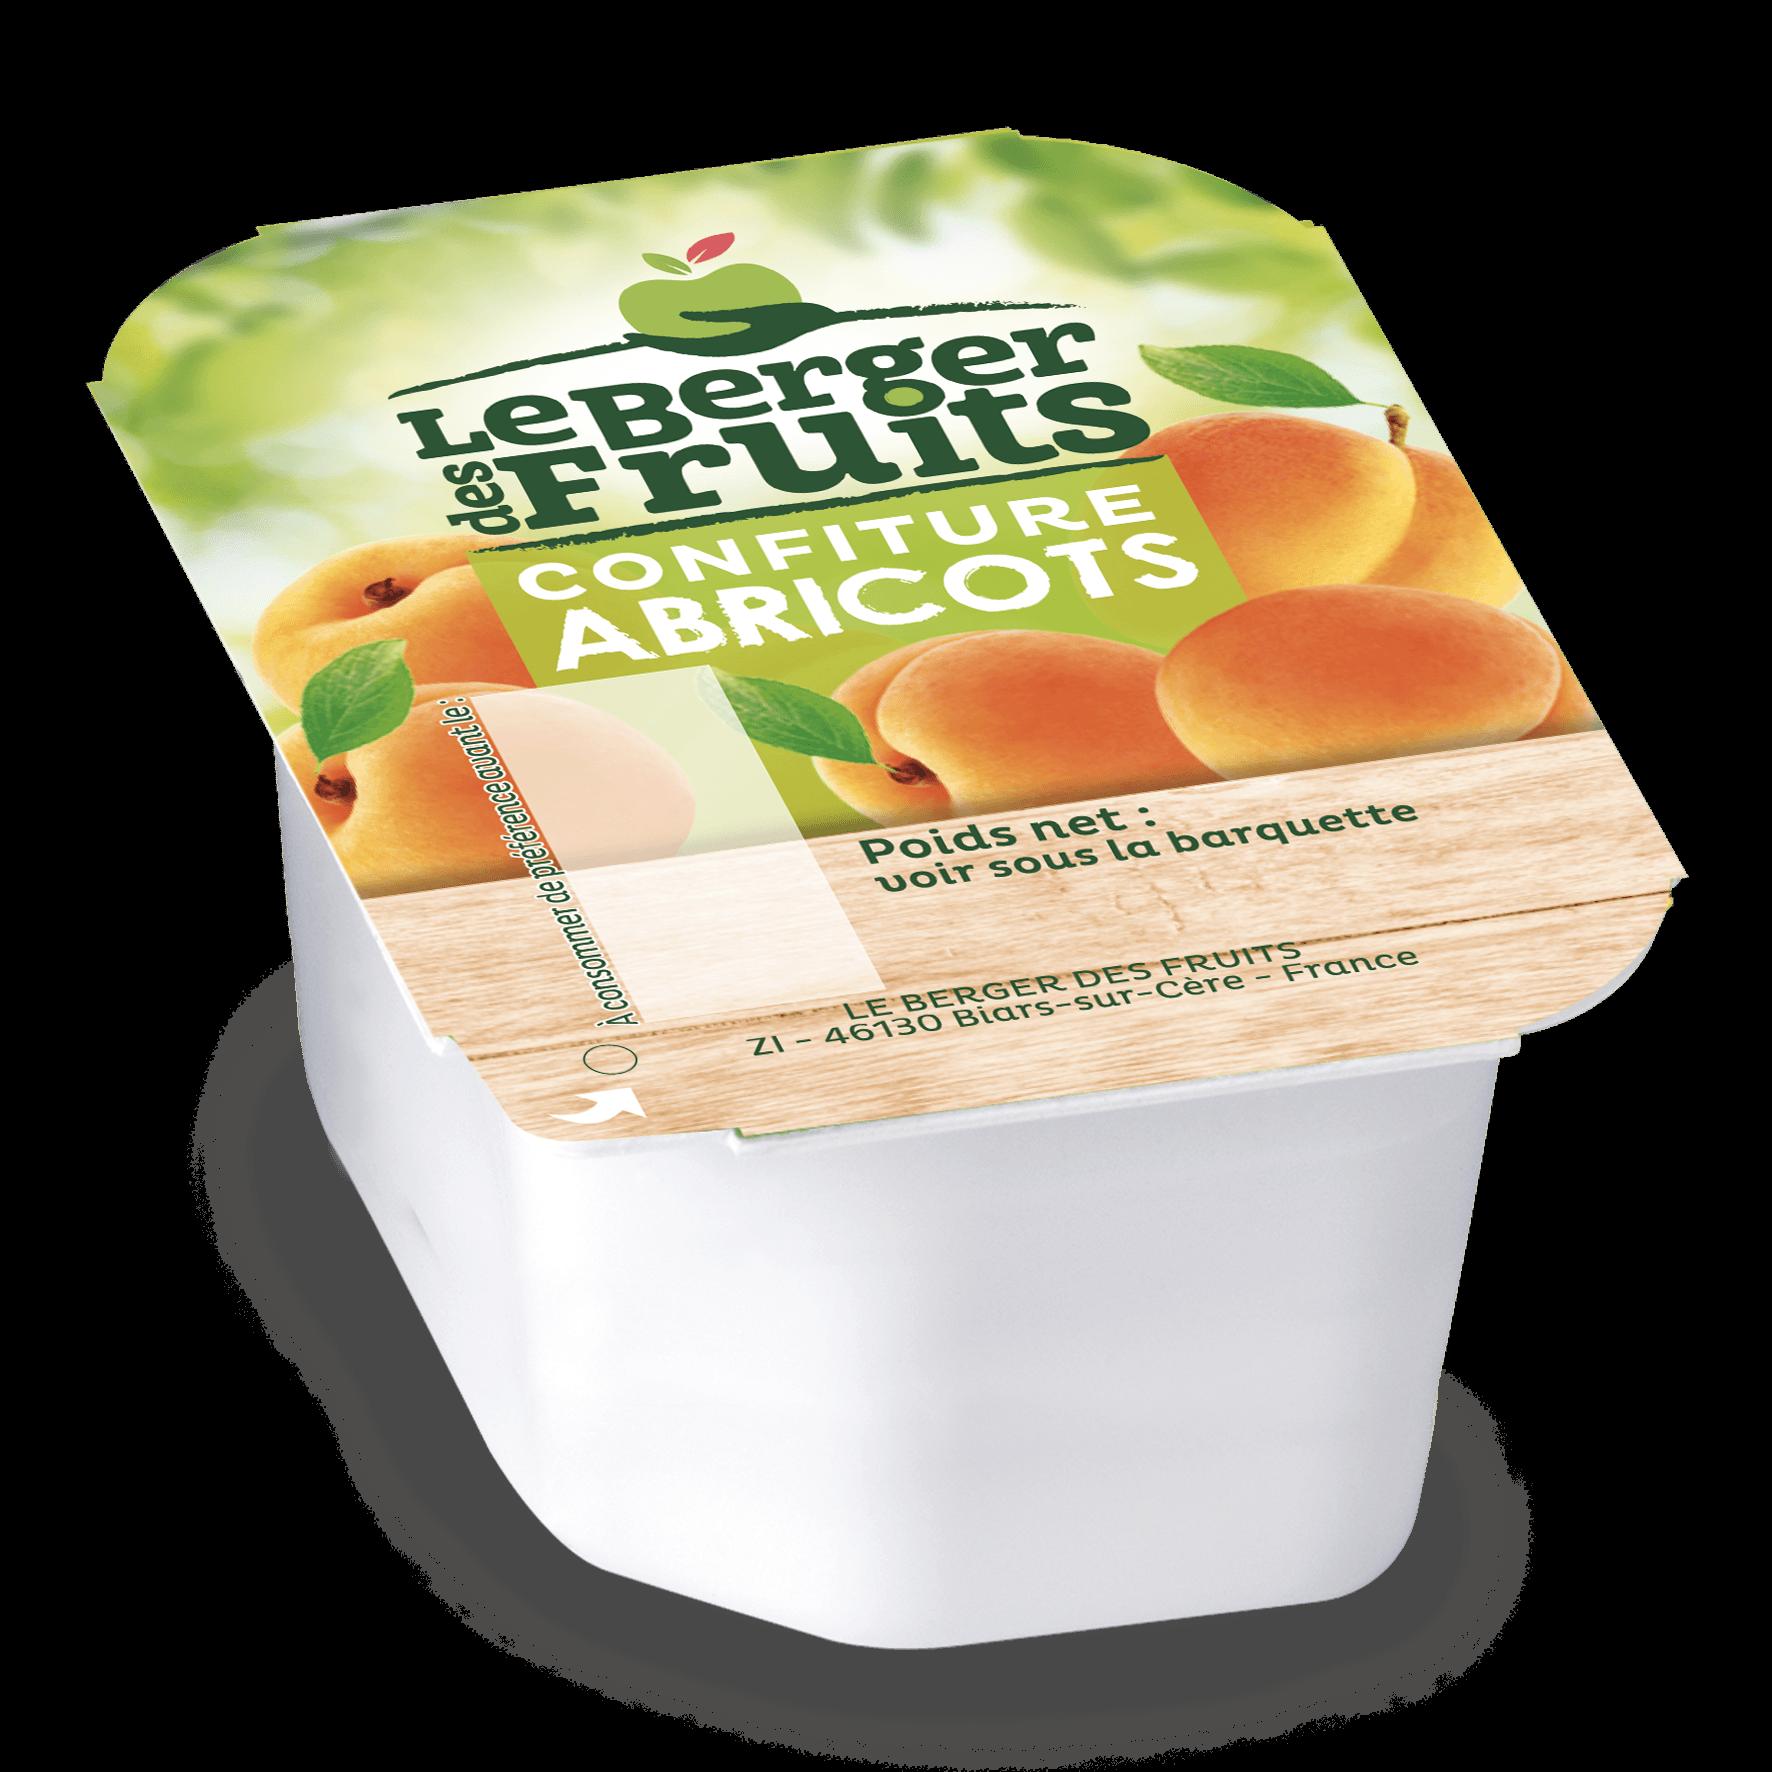 Confitures d abricots 30g en barquette berger de fruits